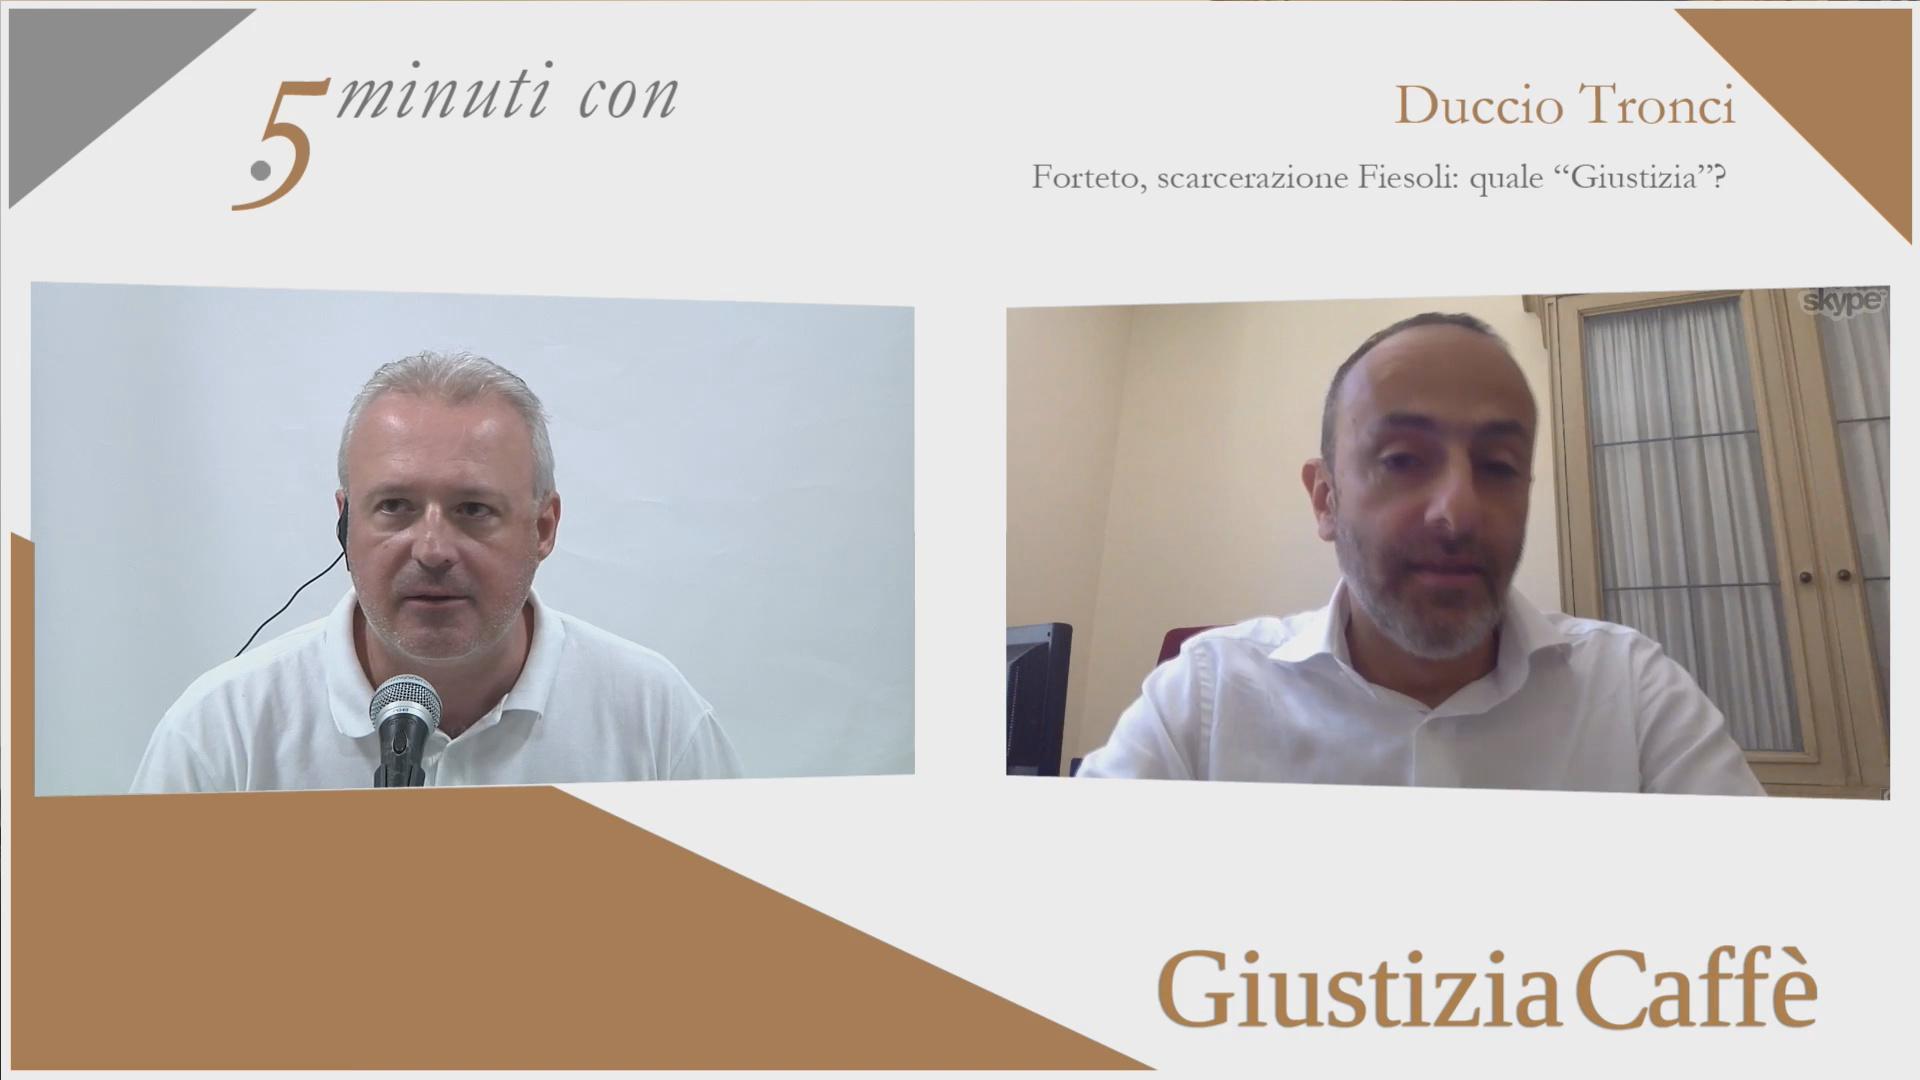 """Forteto, scarcerazione Fiesoli: quale """"Giustizia""""?"""